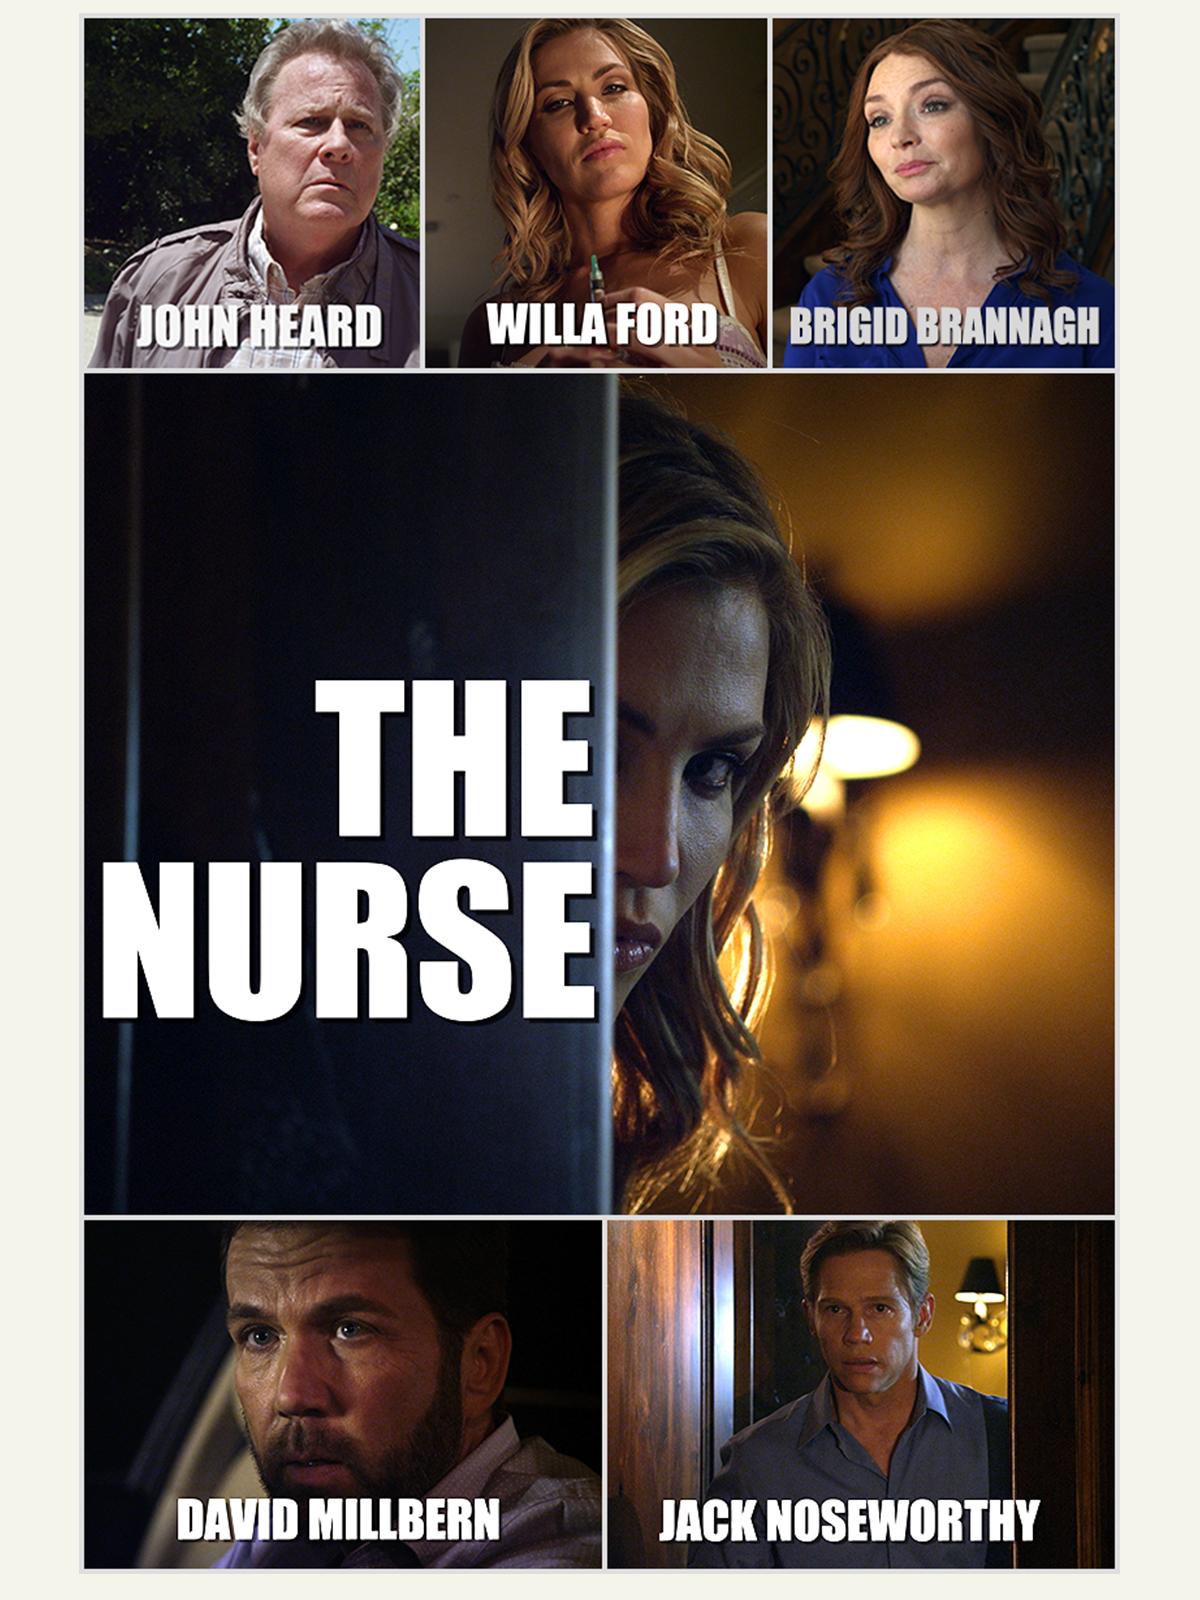 Here-Nurse-Full-Image-en-US.jpg